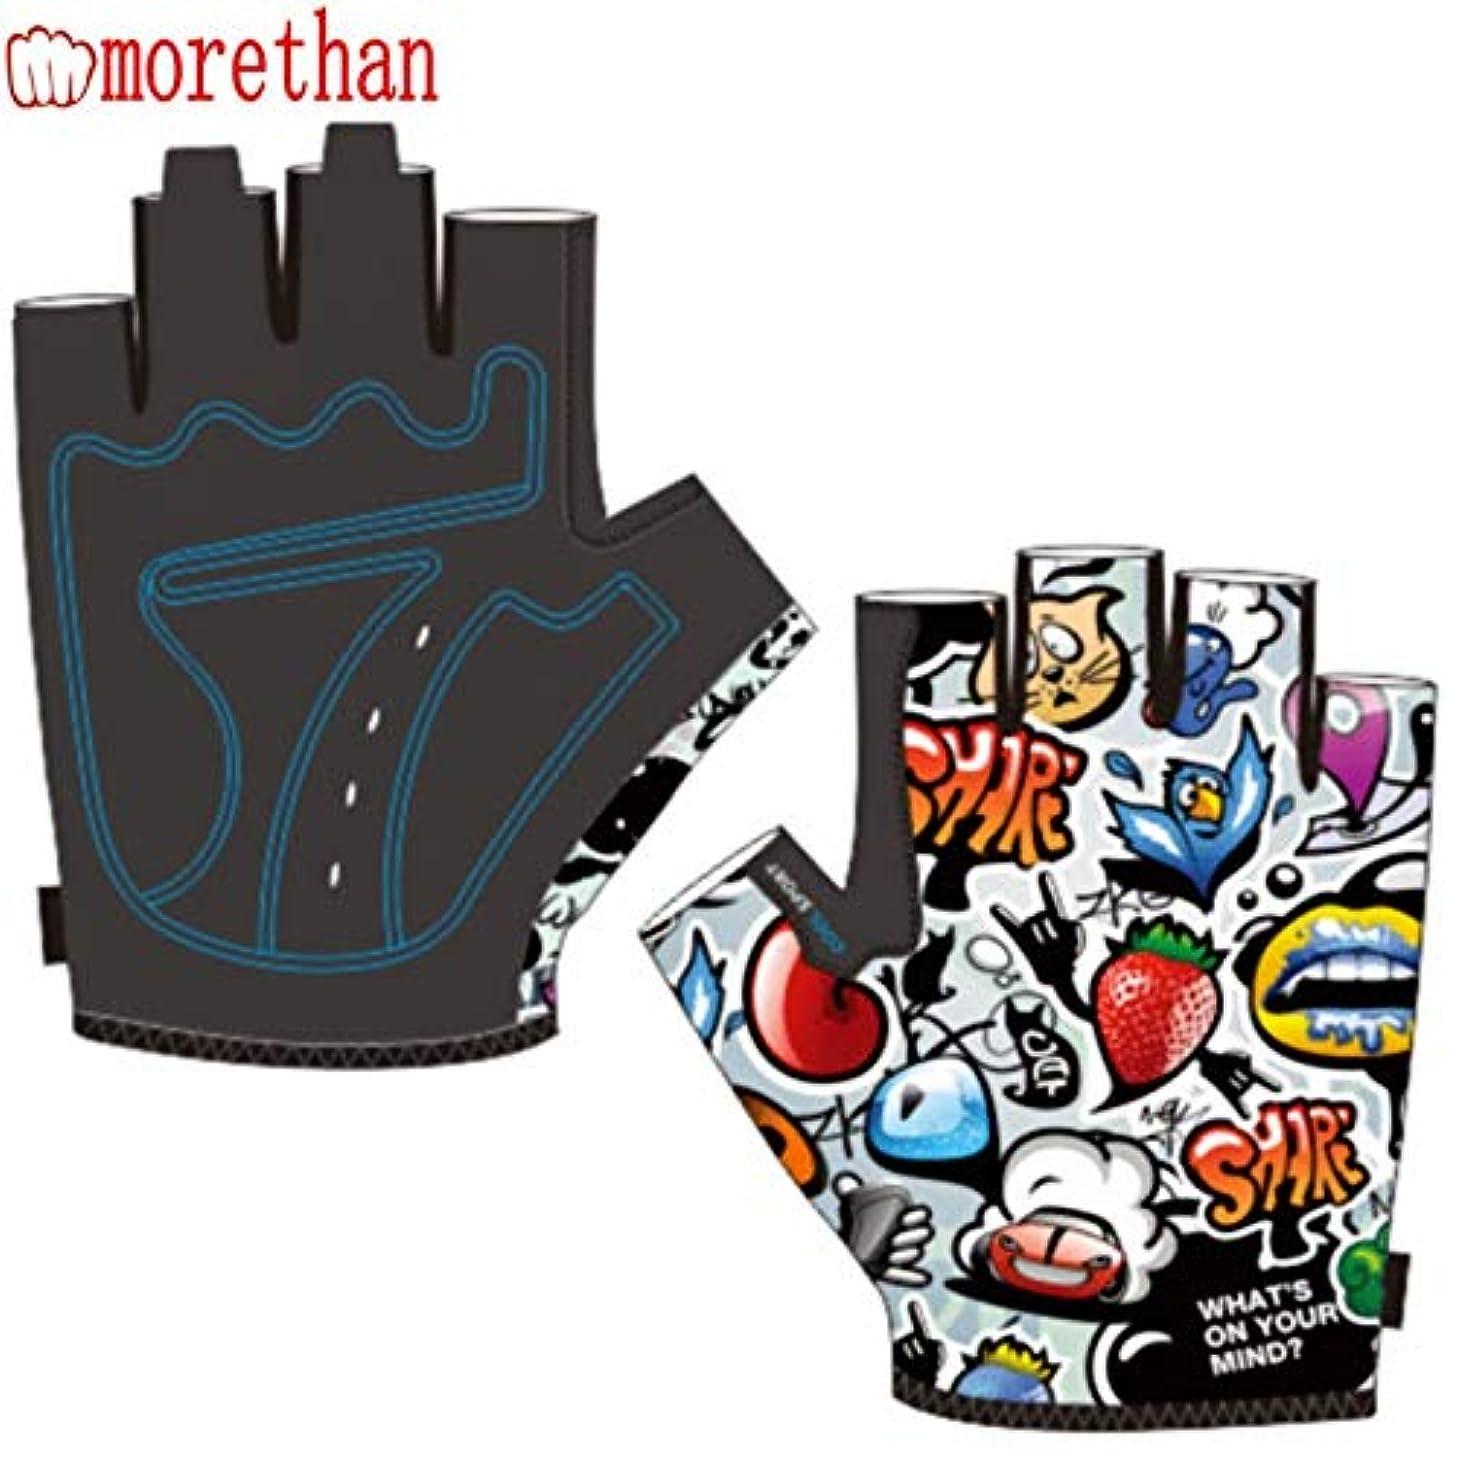 スコア花輪失うJPDD 少年少女の子供のためのサマーキッズサイクリンググローブハーフフィンガースケートライディングマウンテンバイクアウトドアスポーツ手袋を (Color : Colourful, Size : XS)